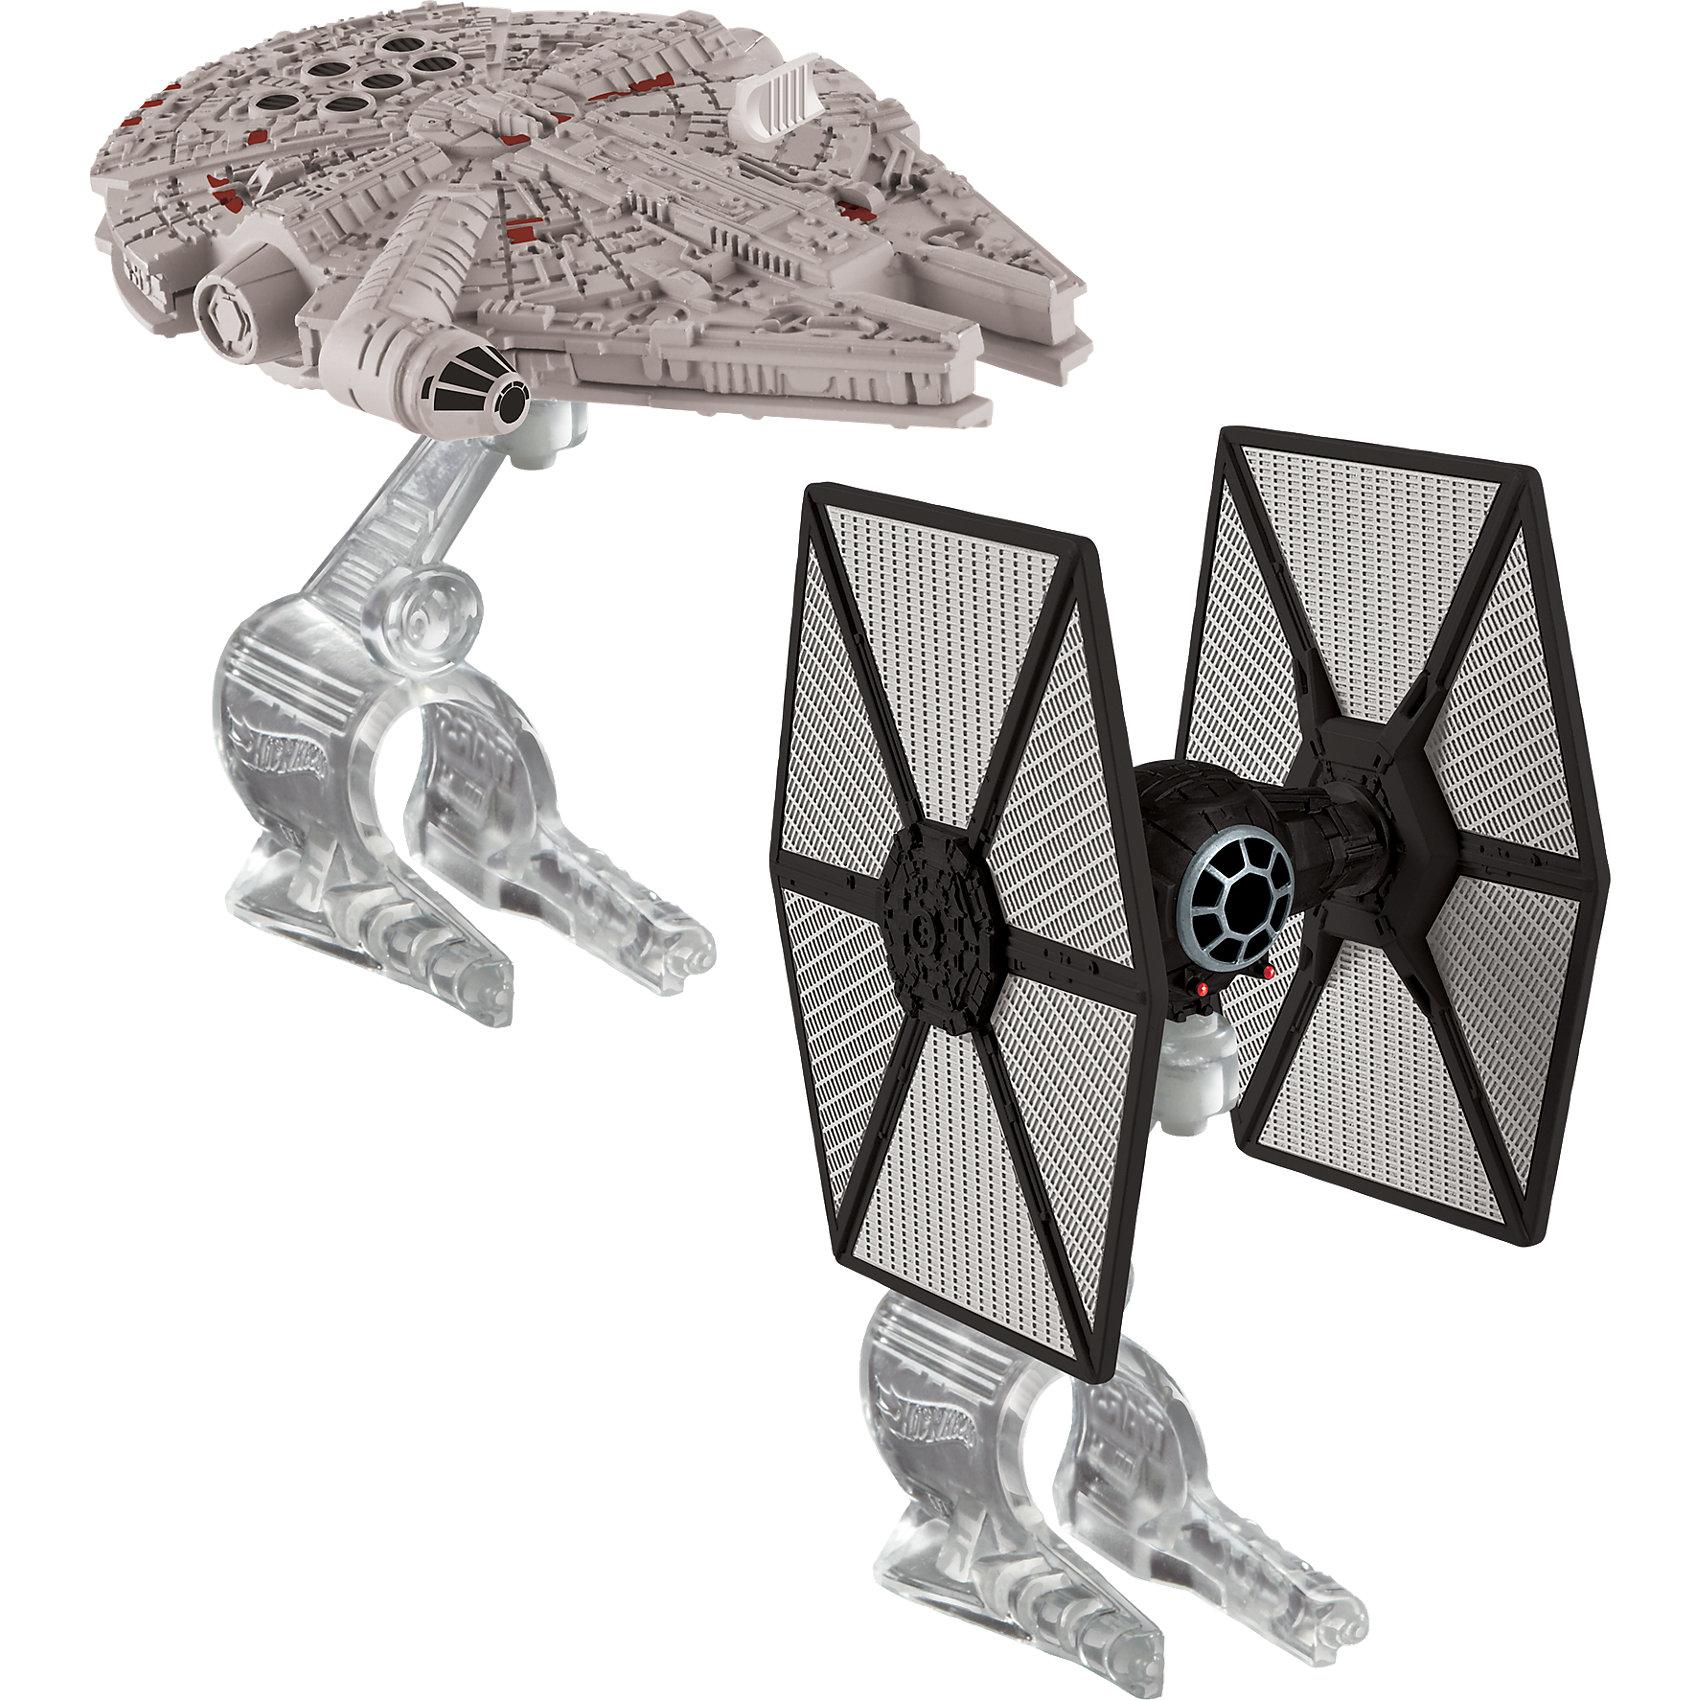 Набор из 2-х Звездных кораблей Star Wars, Hot WheelsИгровые наборы<br>Характеристики товара:<br><br>• материал: пластик<br>• комплектация: два корабля, подставка<br>• хорошая детализация<br>• совместимы с игровыми наборами Hot Wheels Star Wars<br>• возраст: от 4 лет<br>• размер упаковки: 30х6х16,5 см<br>• упаковка: блистер на картоне<br>• страна бренда: США<br><br>Фильм Звездные войны обожает множество современных мальчишек. Сделать ребенку желанный подарок легко - приобретите такой набор Star Wars от бренда Hot Wheels! В него входят два космических корабля с подставкой. Её можно надеть на палец - и тогда корабль с помощью своего маленького владельца легко поднимется в воздух.<br><br>Эти игрушки от Mattel отлично проработаны. Они отличаются безопасными материалами и высокой степенью детализации. С таким набором можно придумать множество игр! Параллельно ребенок будет развивать фантазию, пространственное мышление и мелкую моторику.<br><br>Набор из 2-х Звездных кораблей Star Wars, Hot Wheels, от компании Mattel можно купить в нашем интернет-магазине.<br><br>Ширина мм: 309<br>Глубина мм: 182<br>Высота мм: 78<br>Вес г: 182<br>Возраст от месяцев: 48<br>Возраст до месяцев: 108<br>Пол: Мужской<br>Возраст: Детский<br>SKU: 5427578